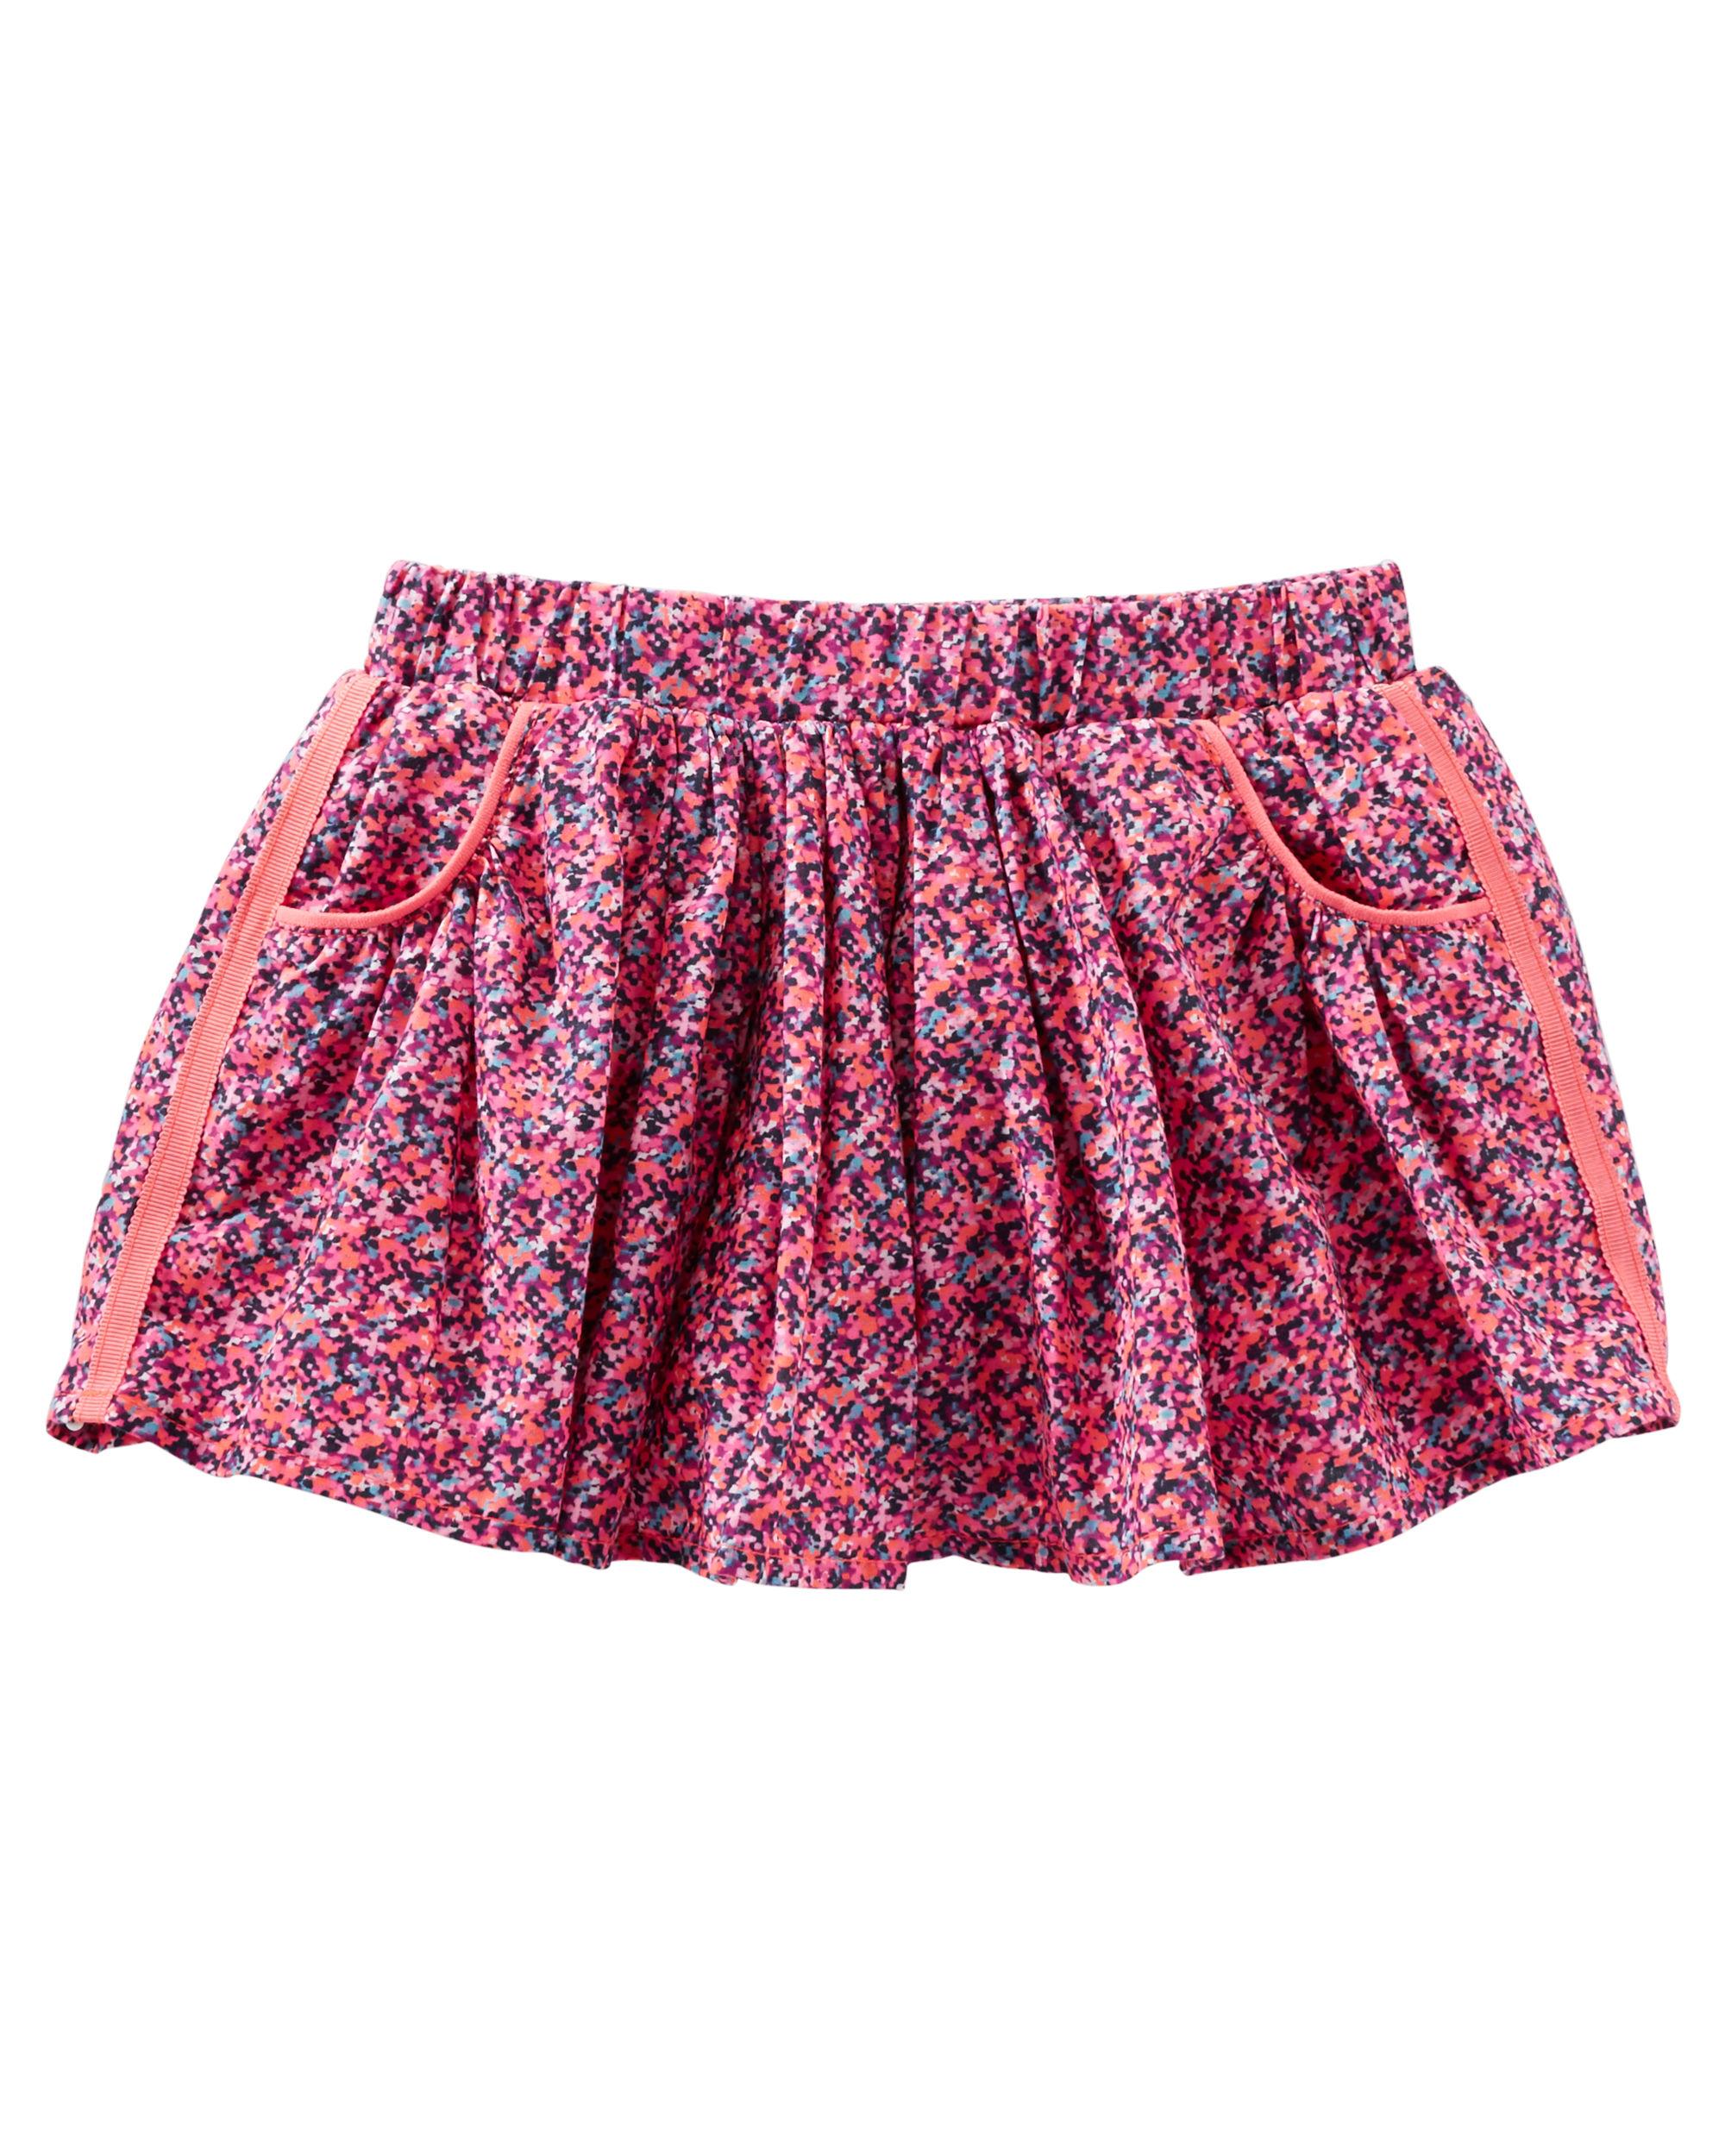 OshKosh B'gosh Baby Girls' 2 Piece Confetti Print Skirt, 9 Months